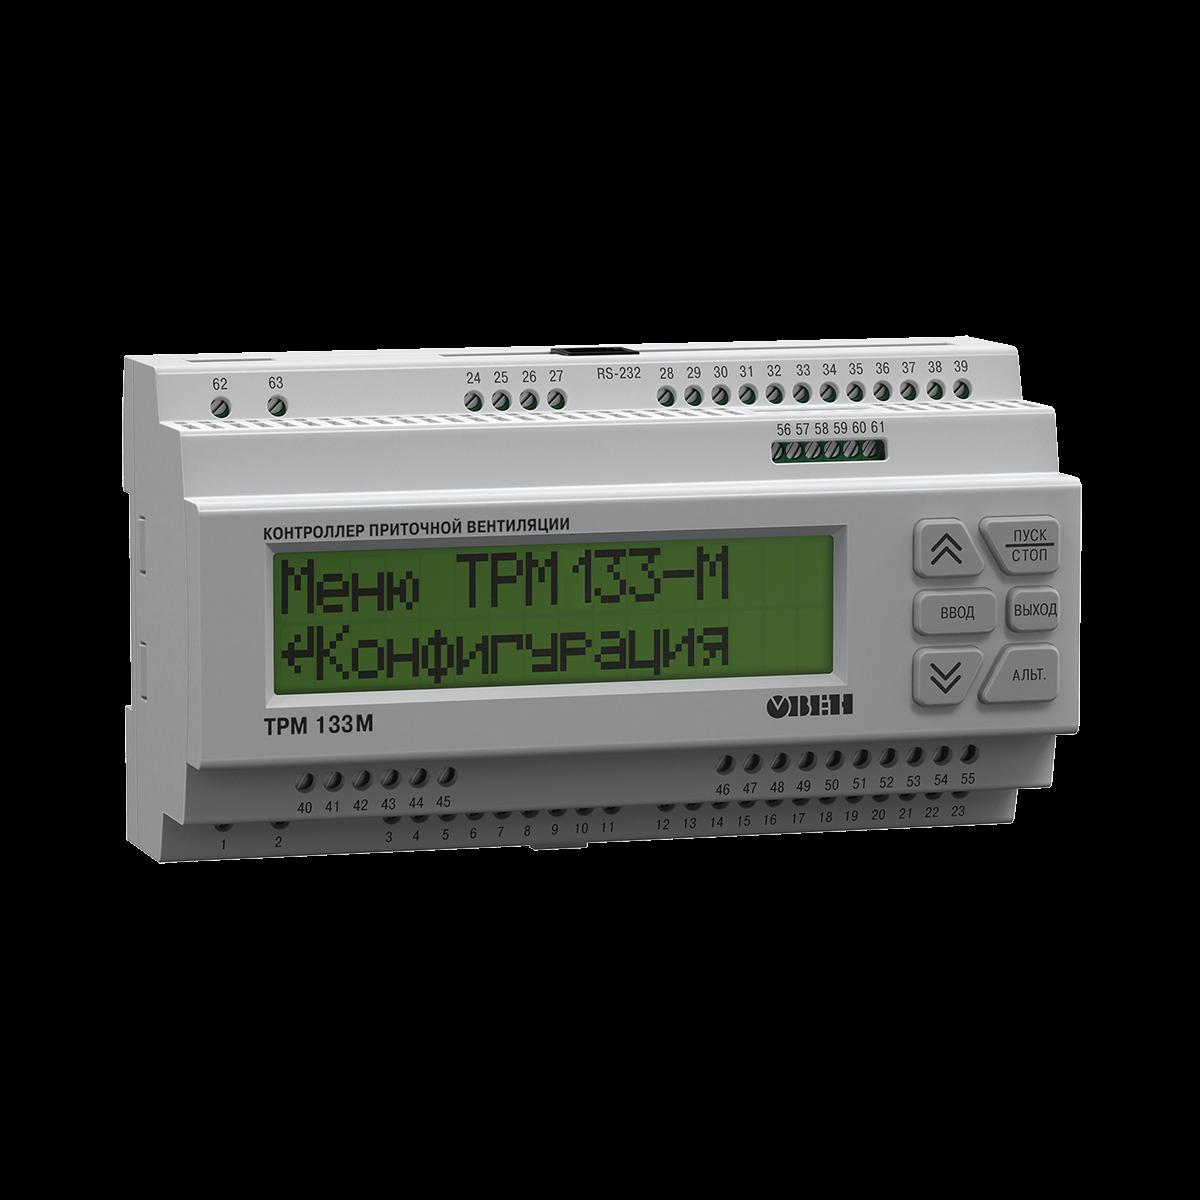 ТРМ133М контроллер для приточно-вытяжной вентиляции